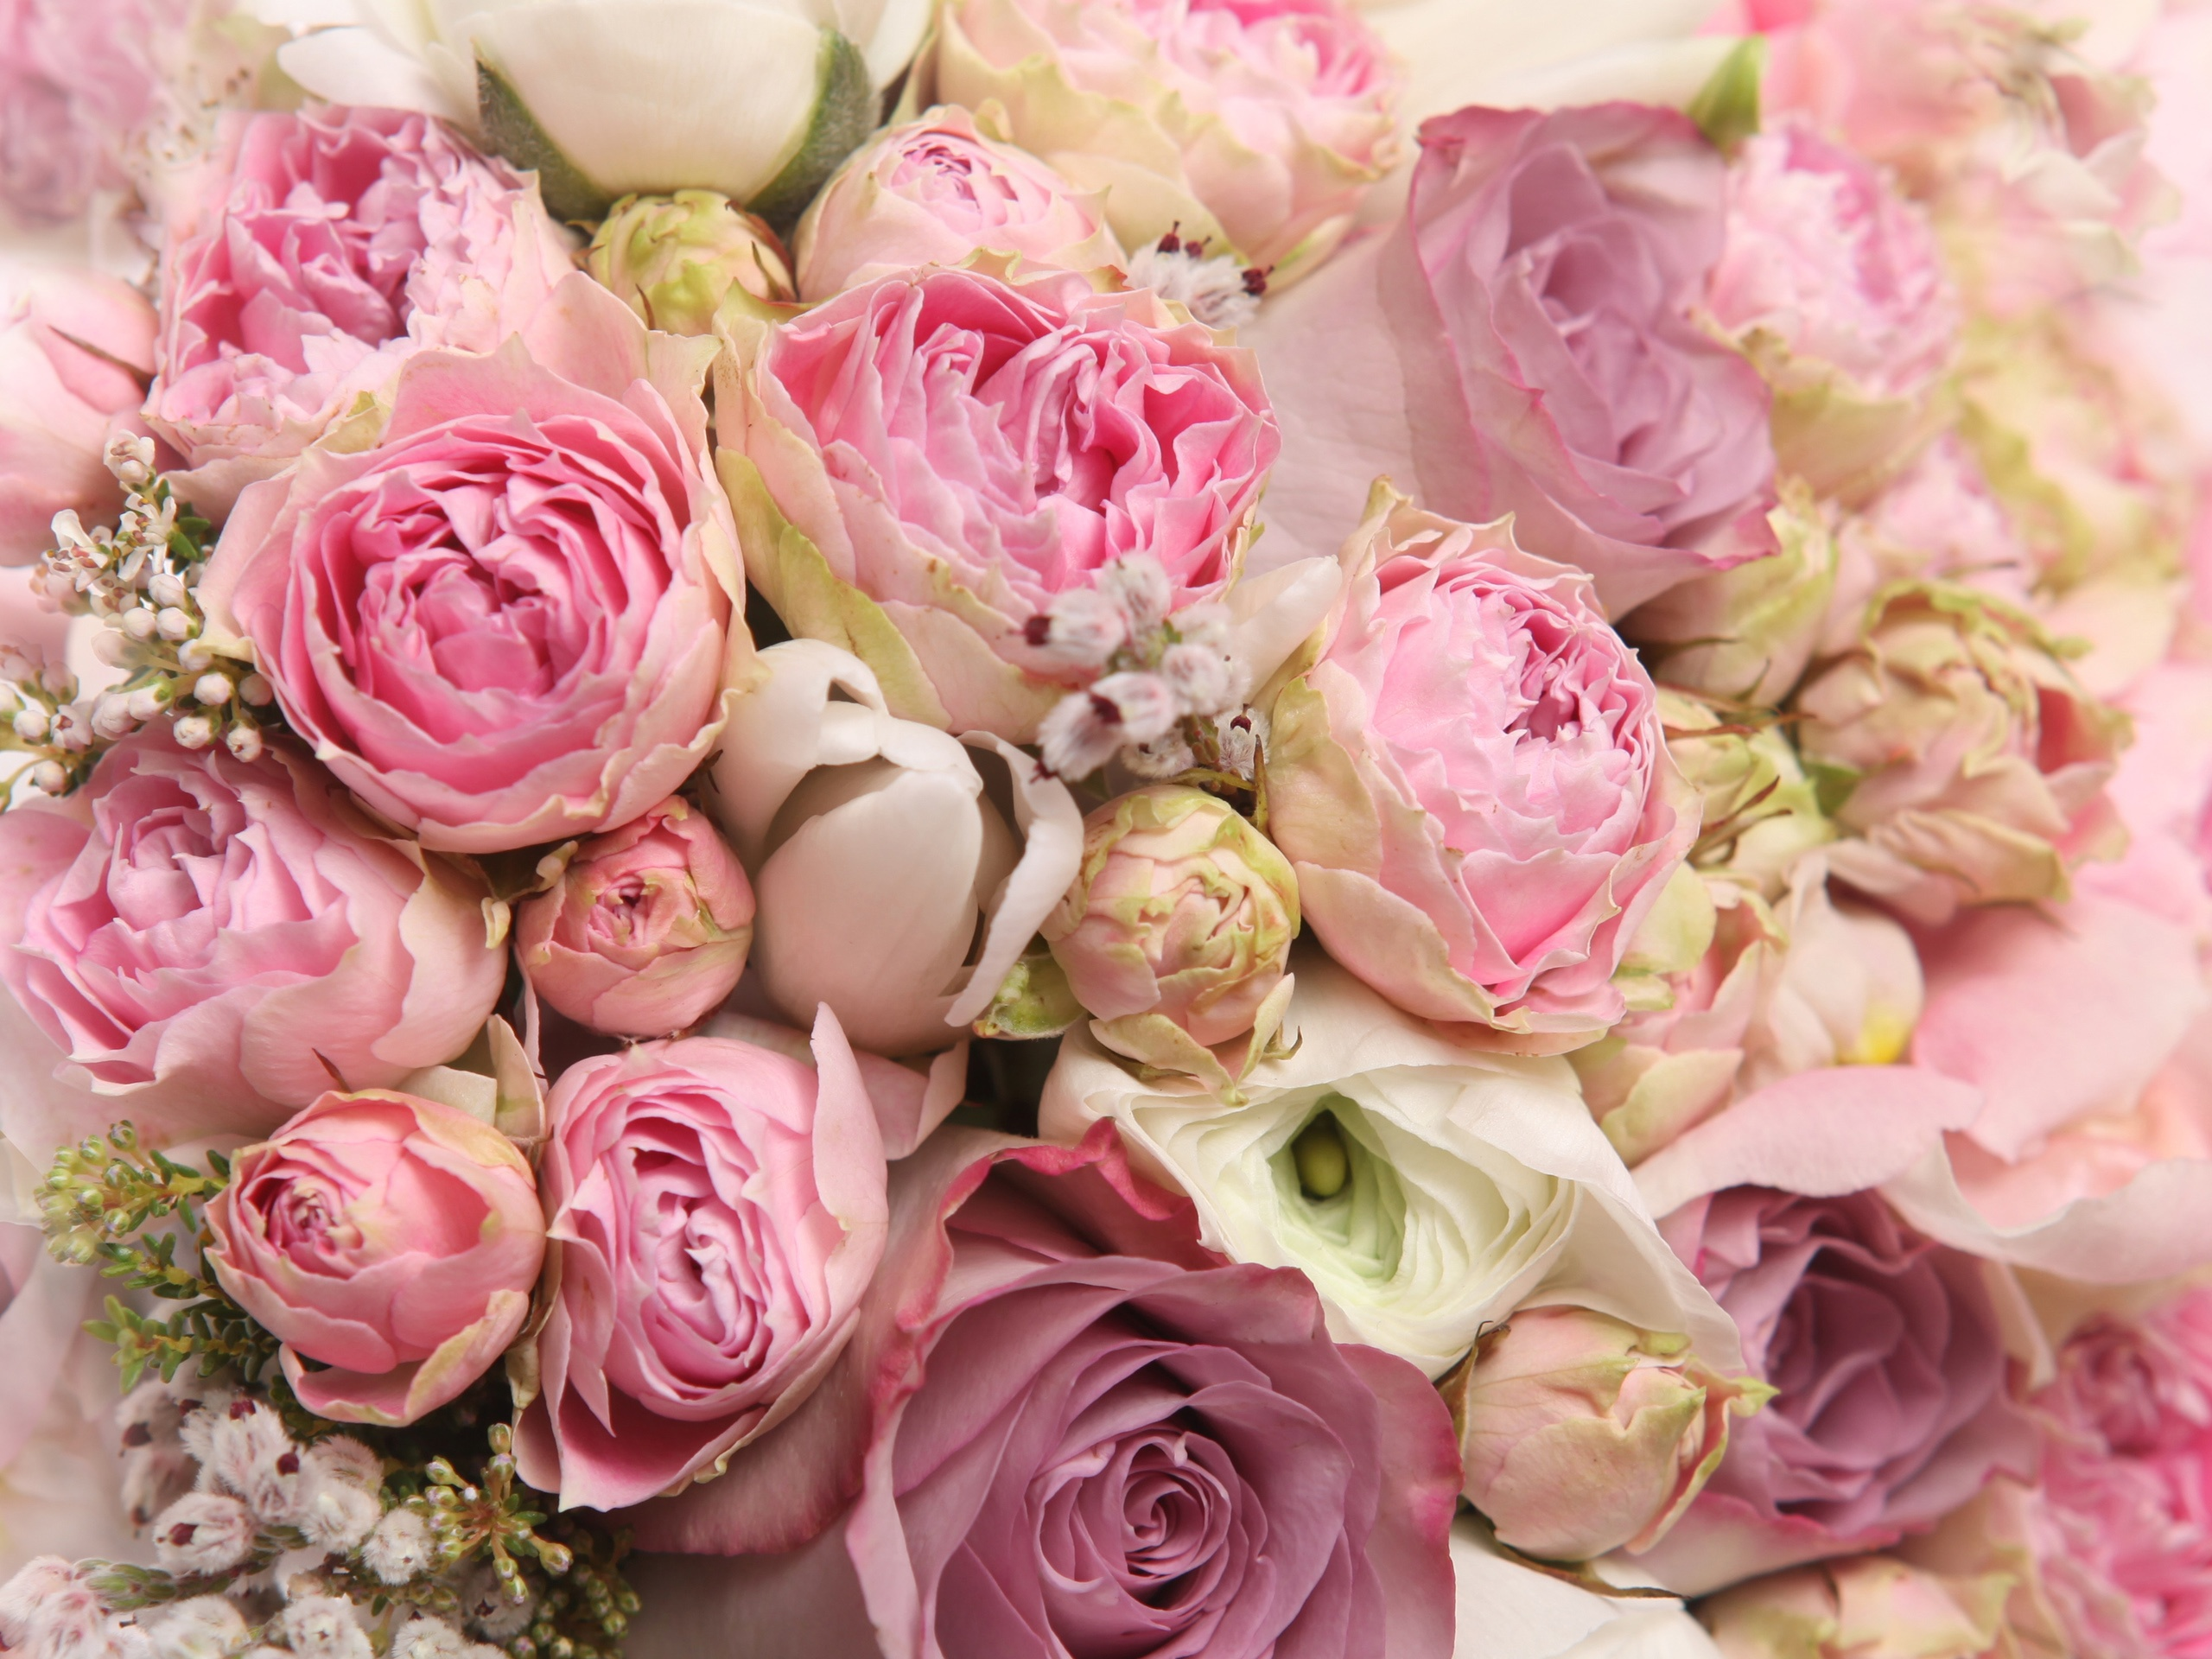 красивое фото с цветами важно подобрать